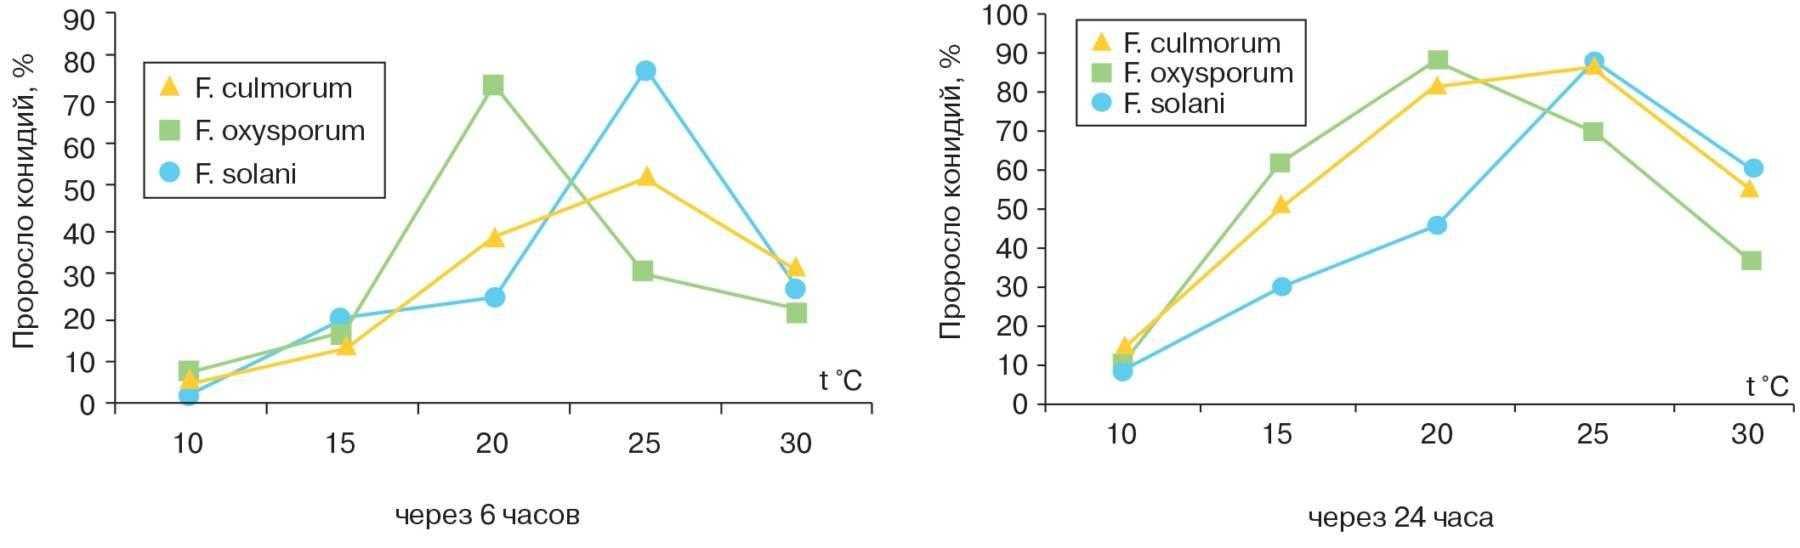 Влияние температуры на прорастание конидий, возбудителей фузариозной гнили сахарной свеклы